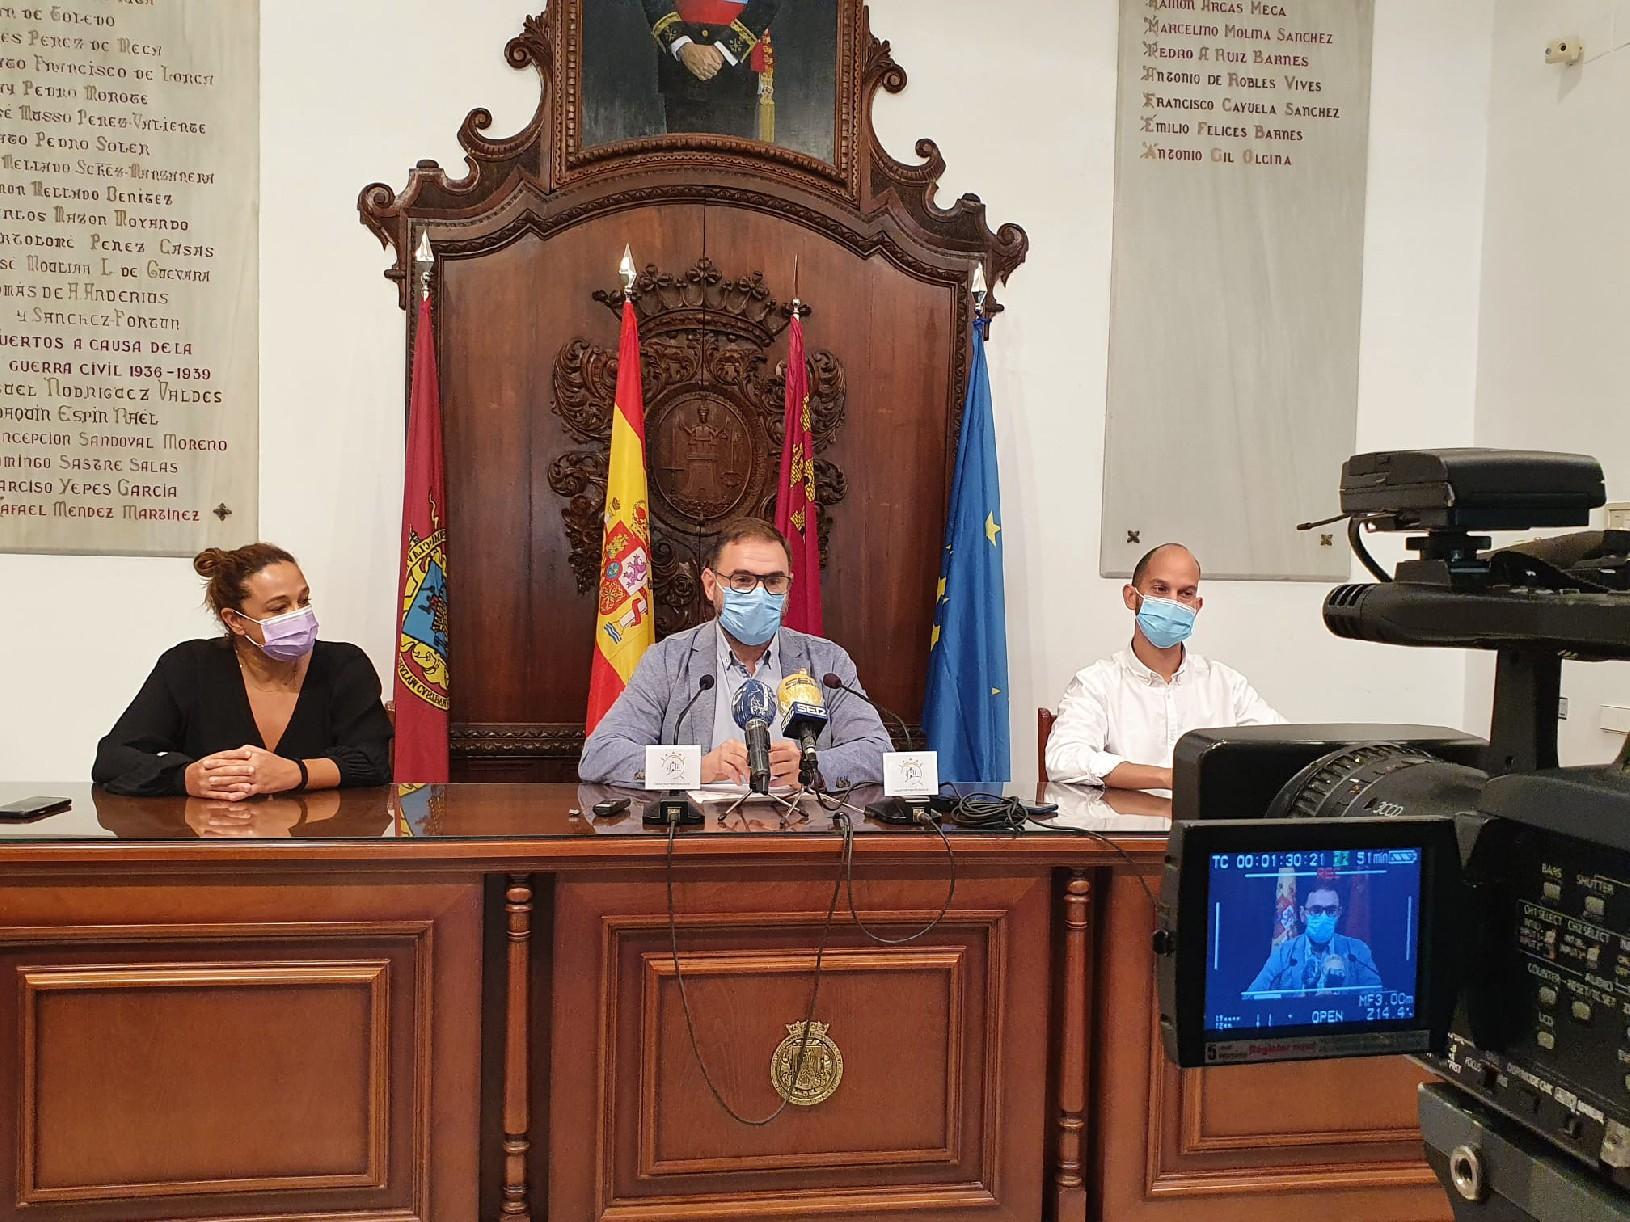 El Ayuntamiento habilita el teléfono de información gratuito 900 701 053 sobre las medidas de la fase 1 flexibilizada